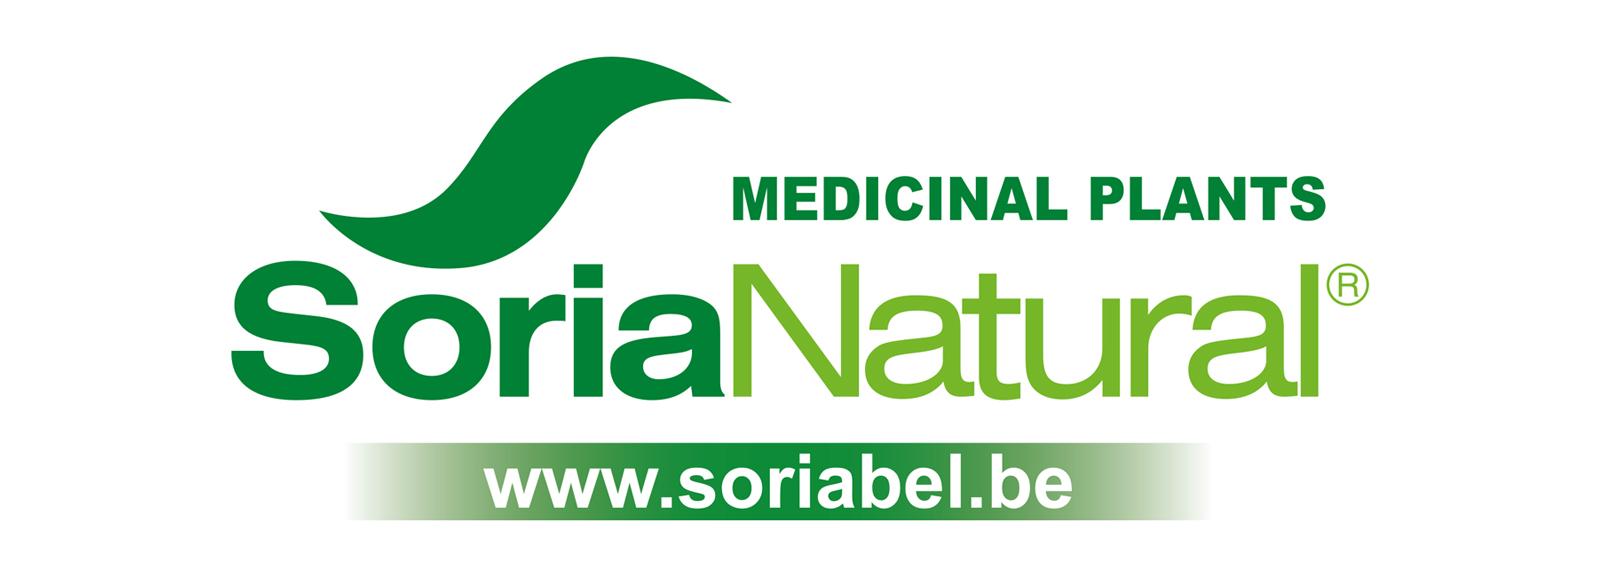 Logo-Soria-Natural---medicinal-plants---800x250